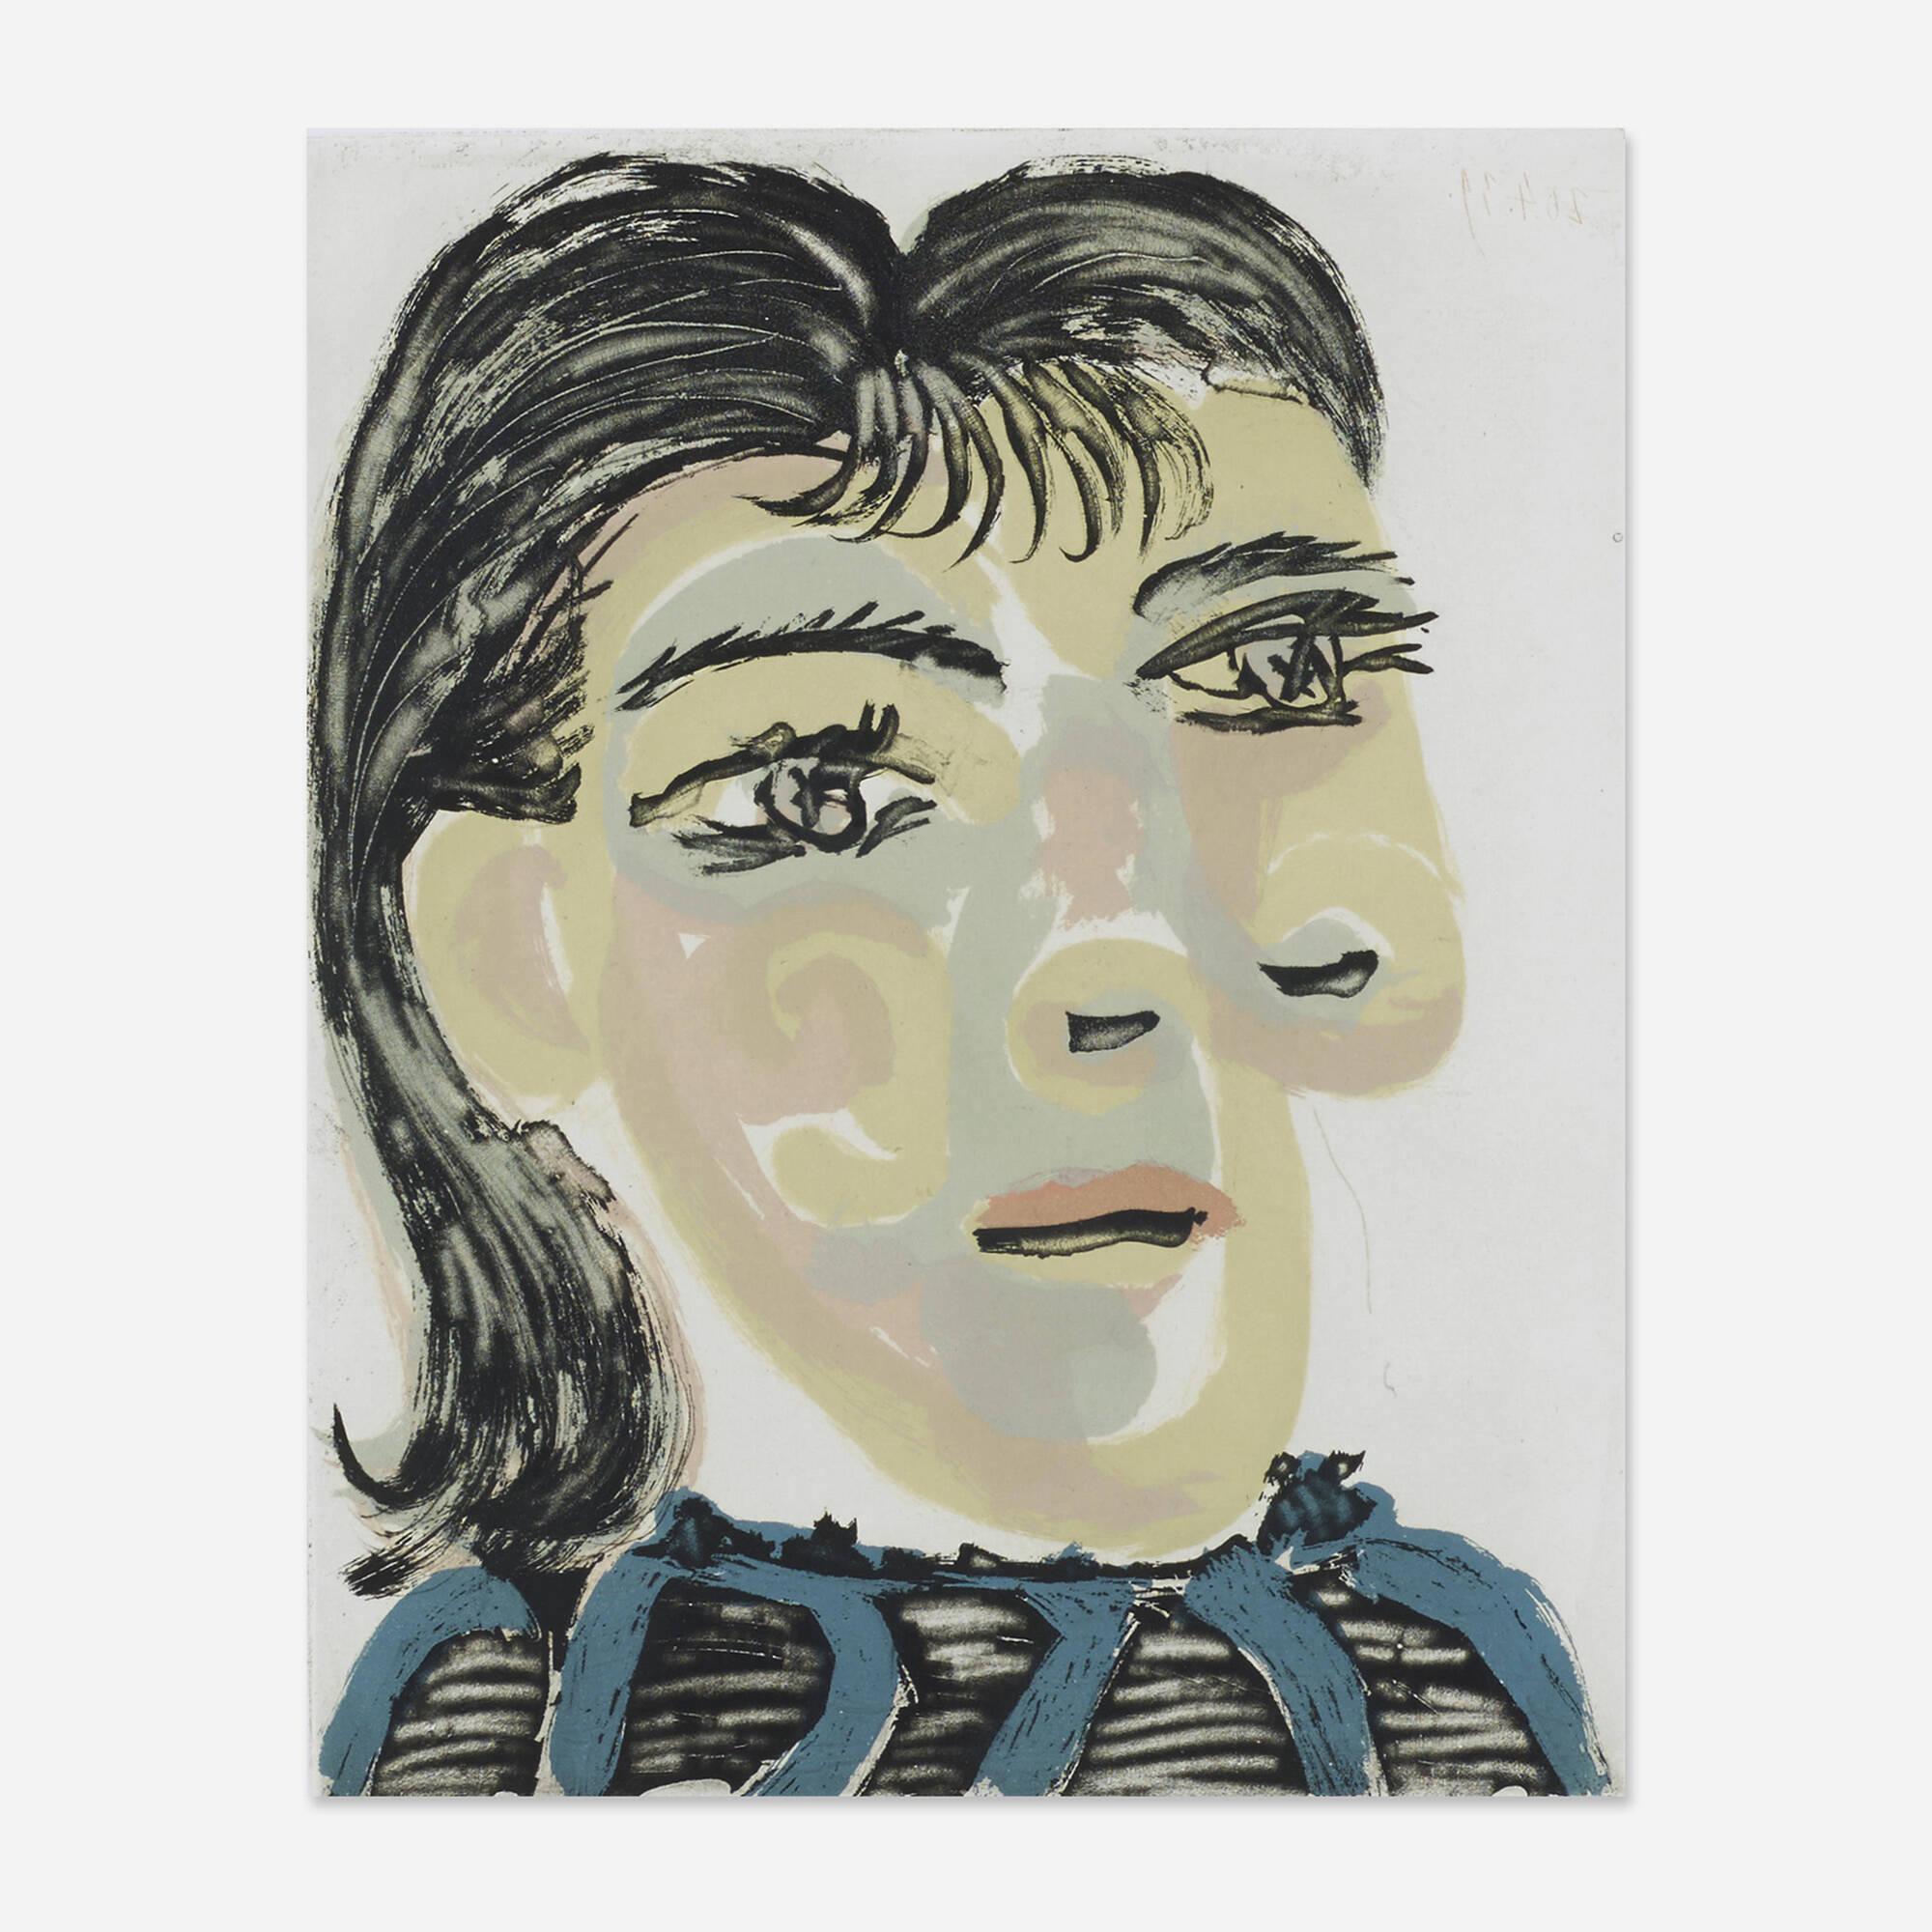 4: PABLO PICASSO, Tête de Femme IV < Pablo Picasso: Master Drawings ...